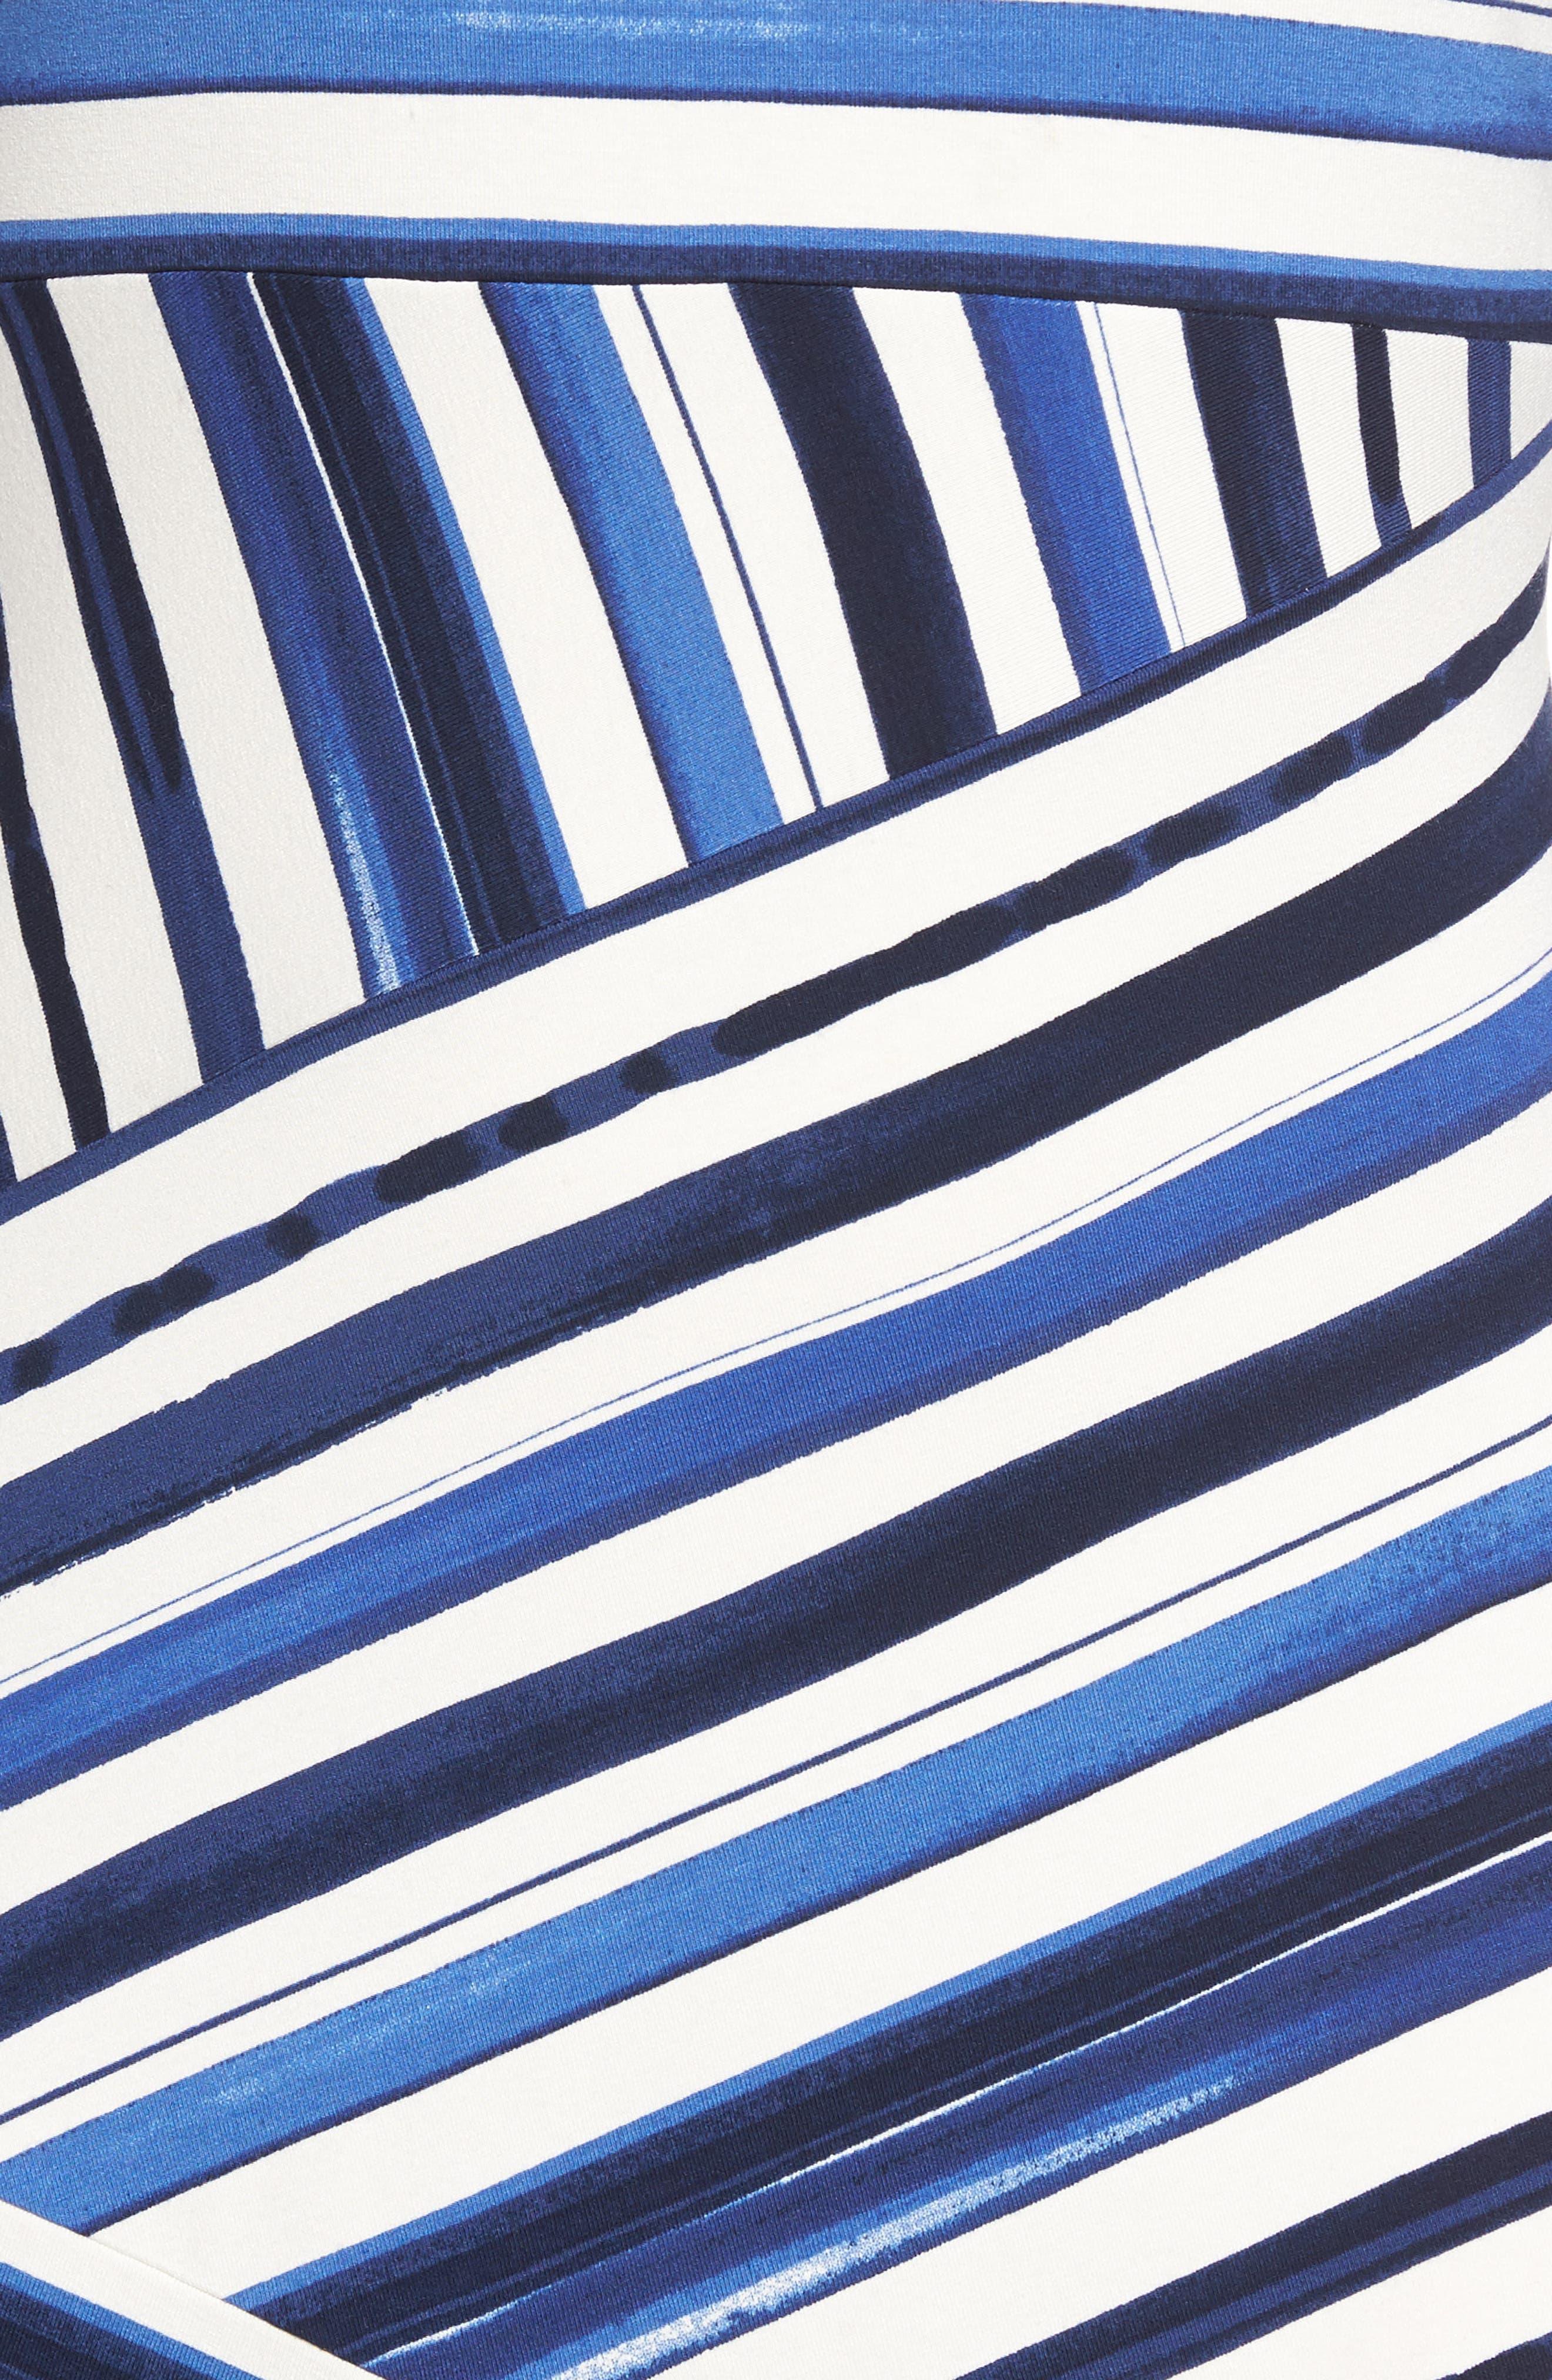 Aquarelle Stripe A-Line Dress,                             Alternate thumbnail 5, color,                             Eclipse